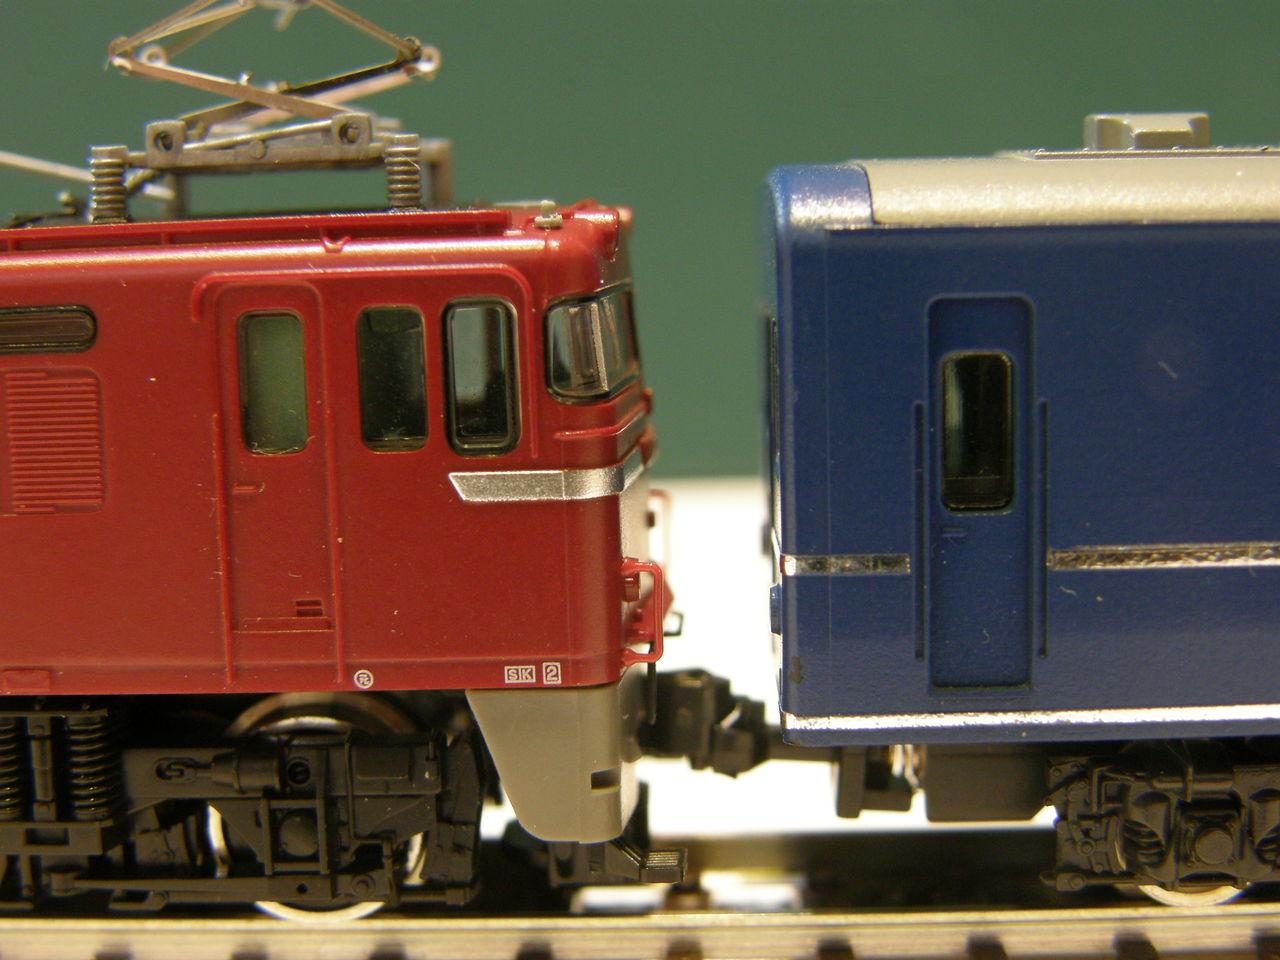 エヌゲ道 since 2015 ~Nゲージ鉄道模型とフィギュアとか何たら~  「車間短縮ナックルカプラー」コメント                        KOU